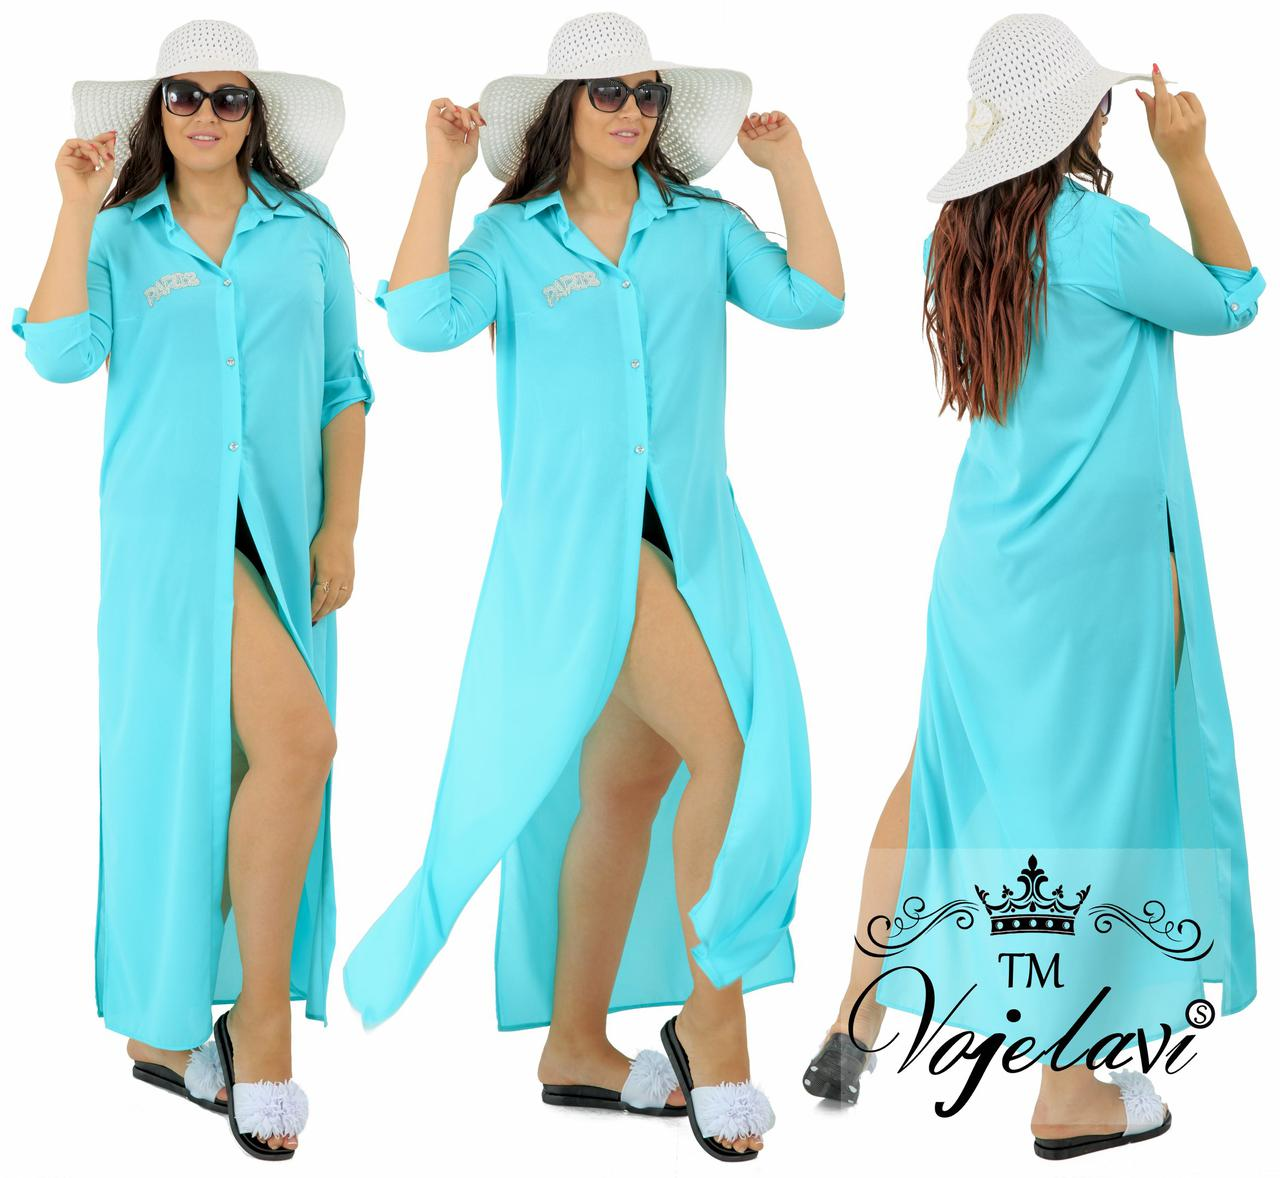 93eb636f37a Пляжная женская стильная рубашка № 581 оптом и в розницу